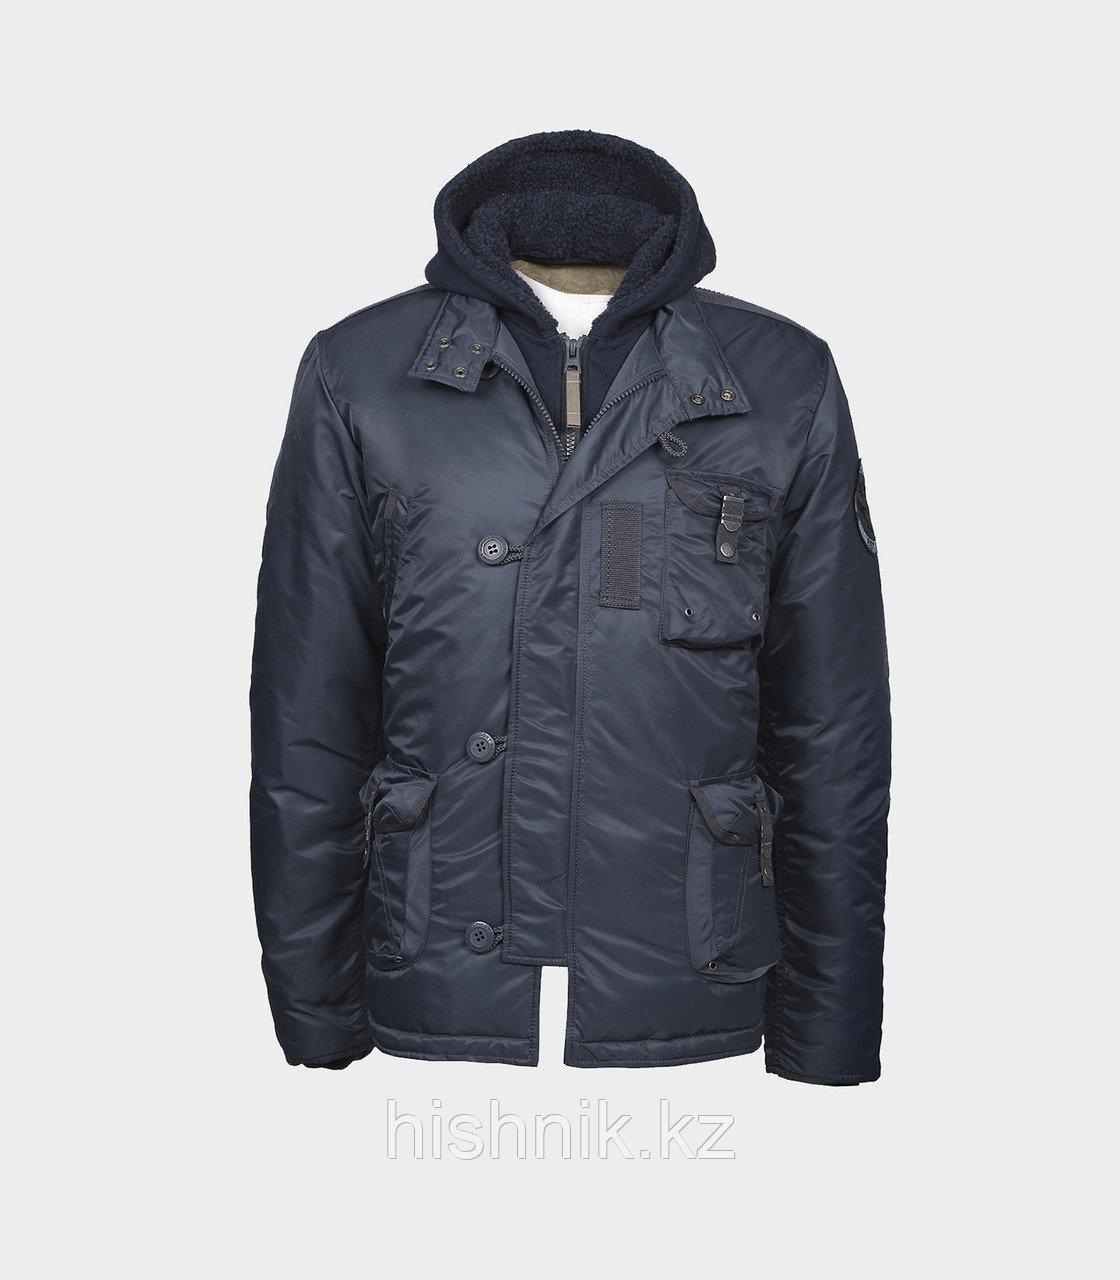 Куртка мужская RANGER STEEL BLUE/STEEL BLUE